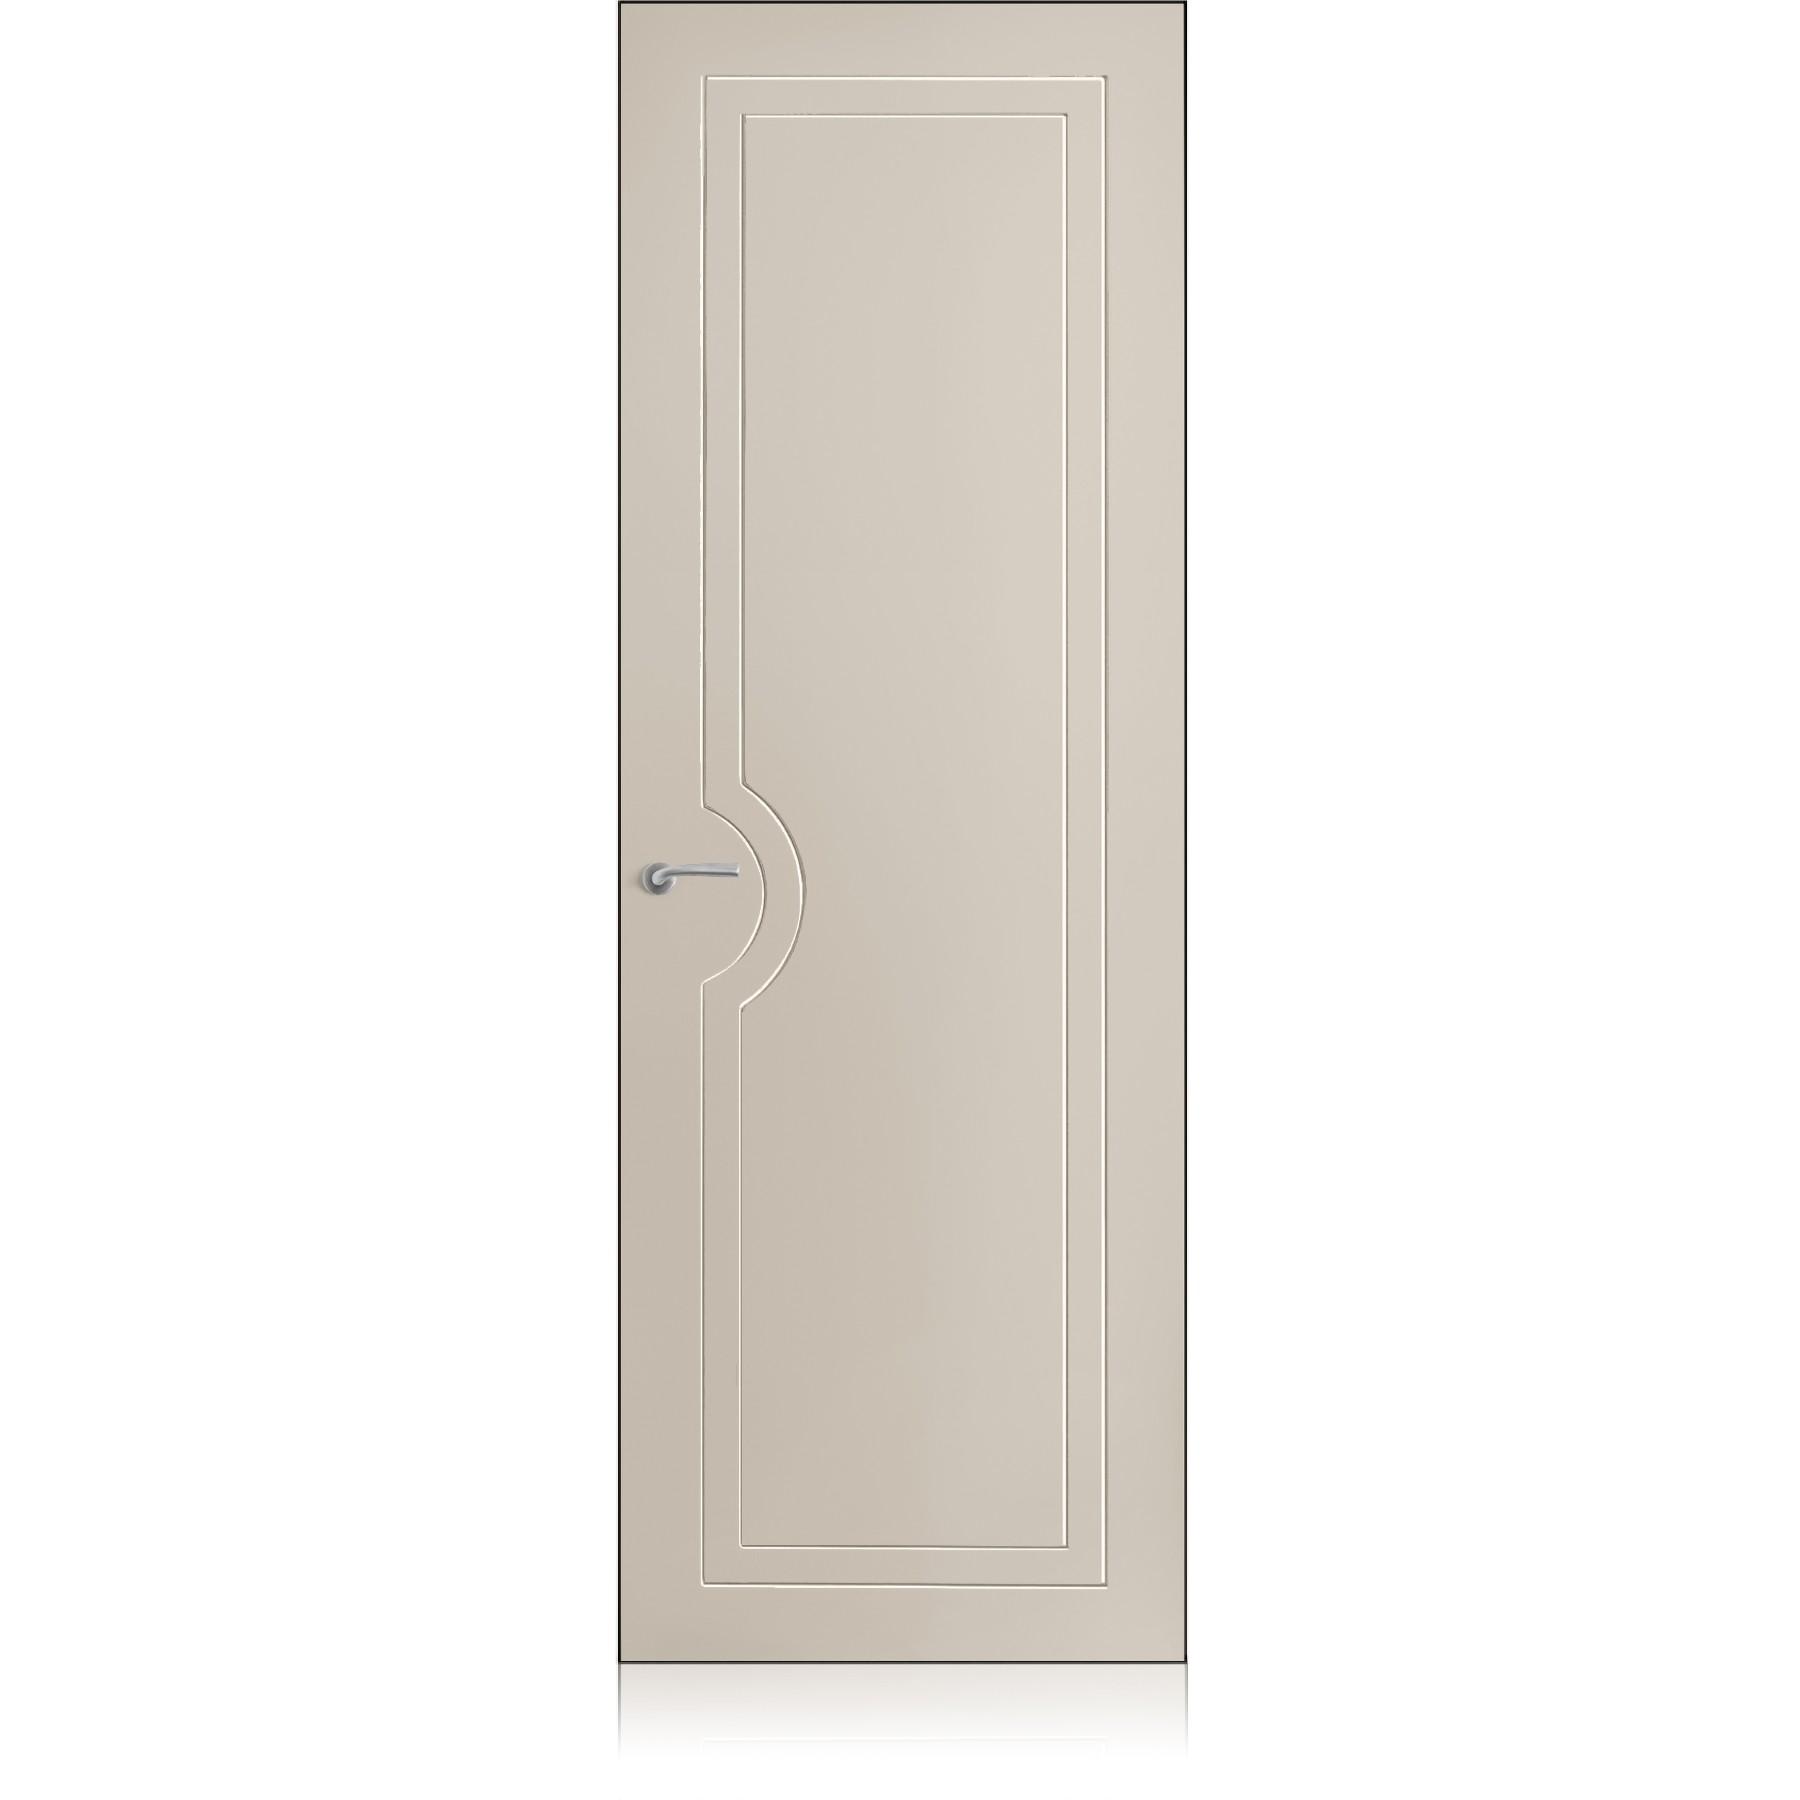 Yncisa/1 Zero tortora door